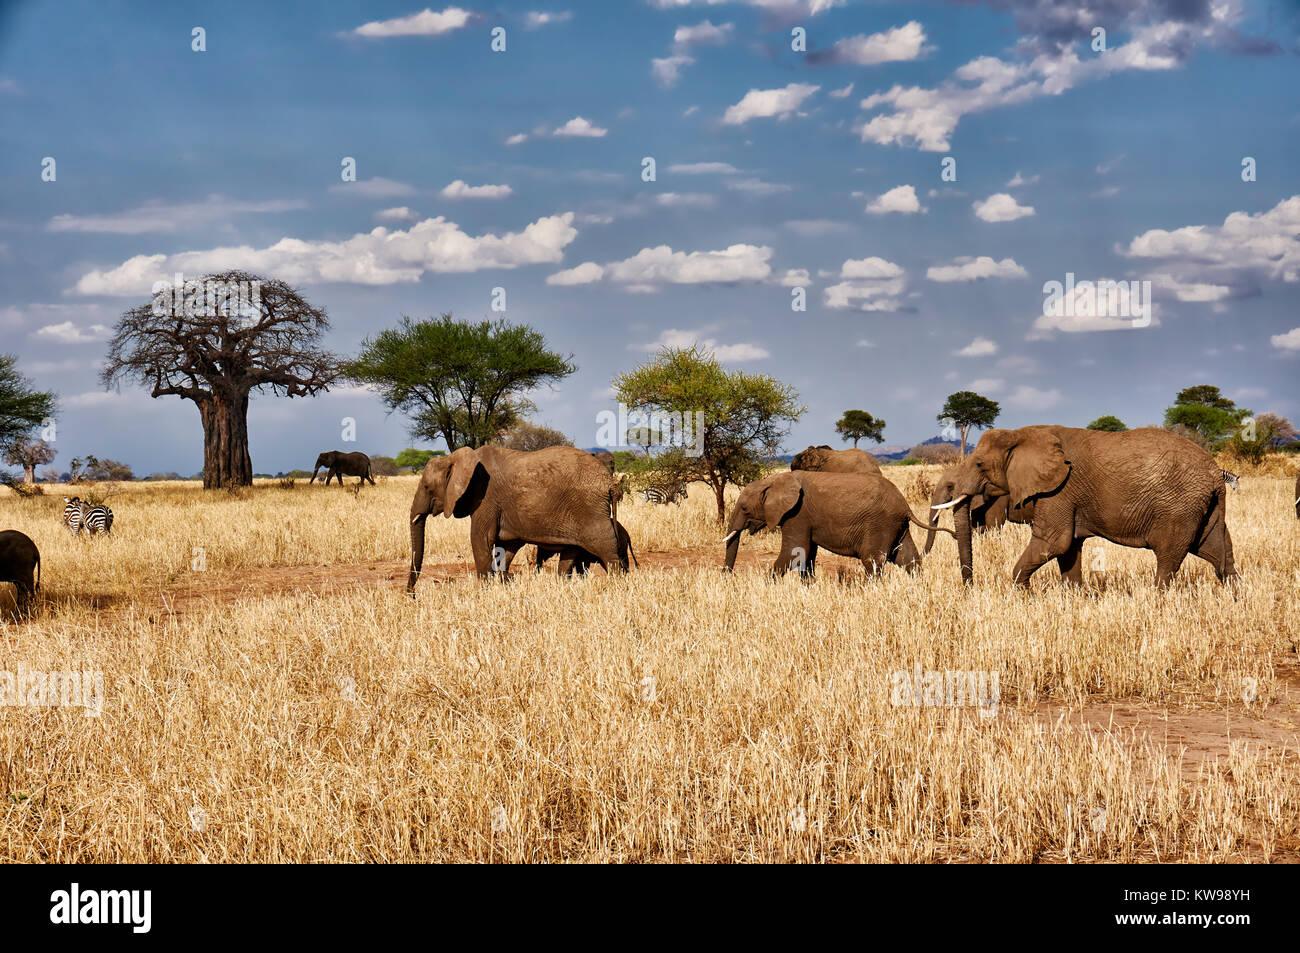 Afrikanischen Busch Elefanten, Loxodonta africana, im Tarangire Nationalpark, Tansania, Afrika Stockbild